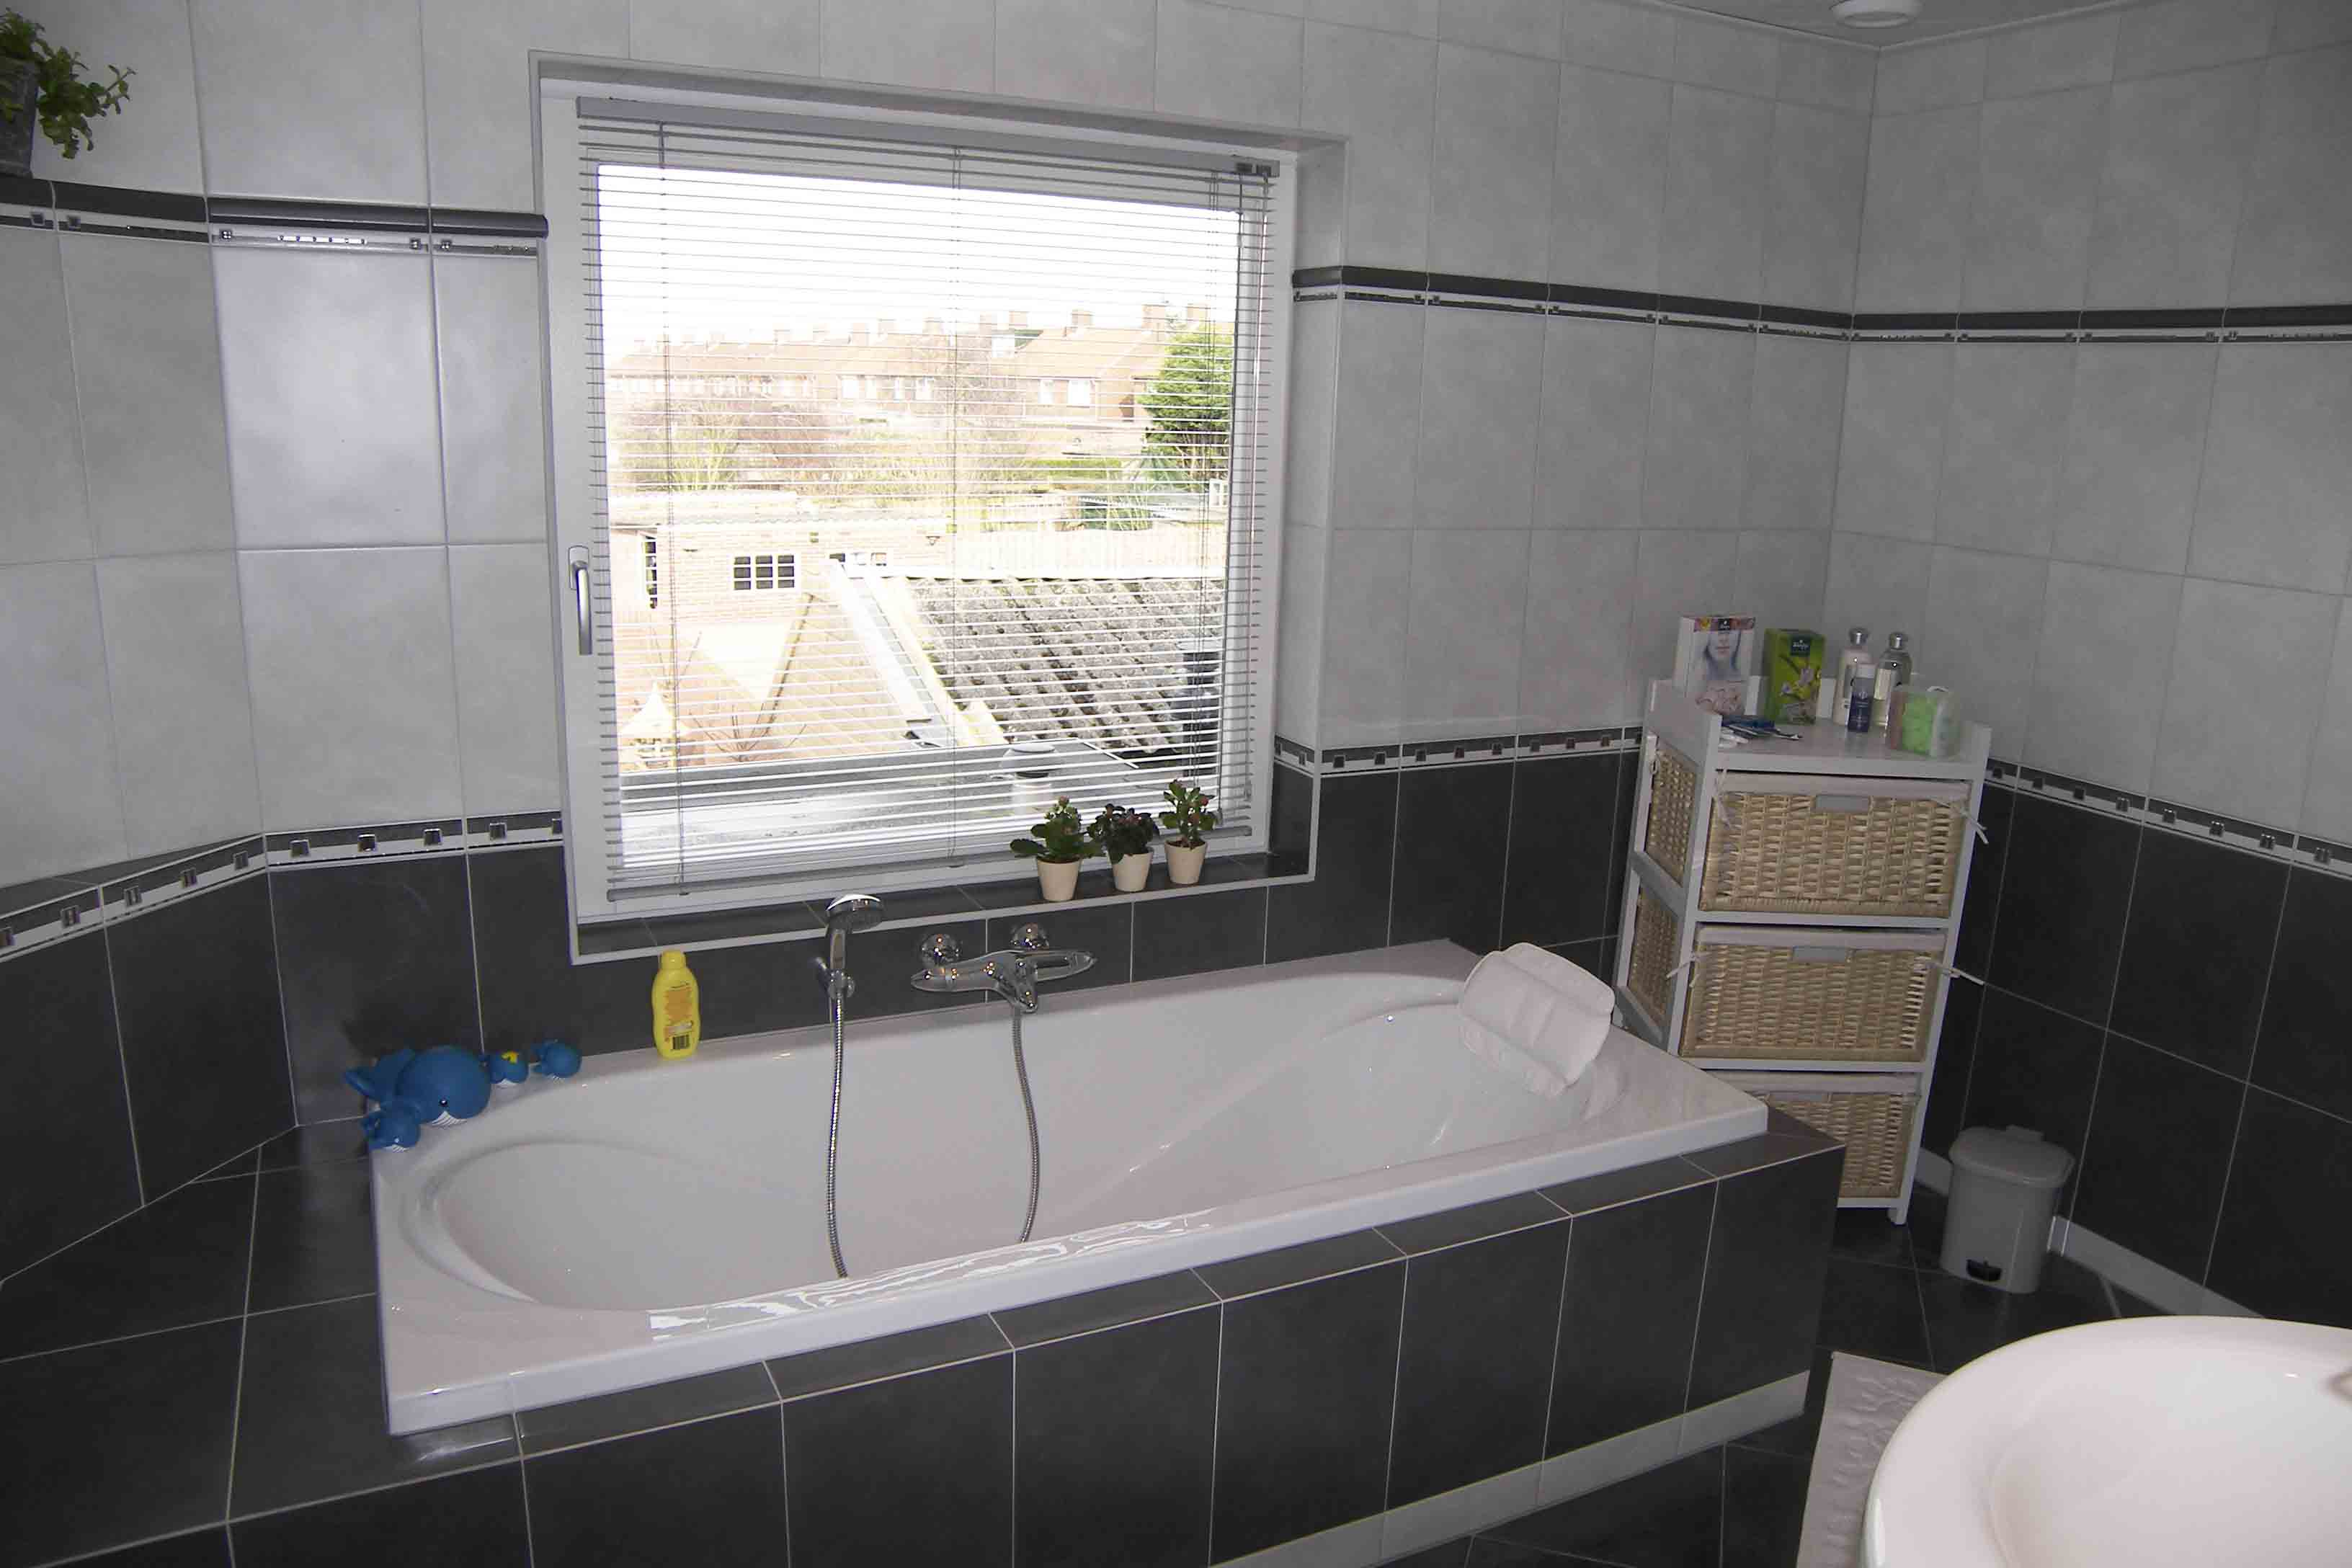 Badkamer te oud gastel bouw en visie